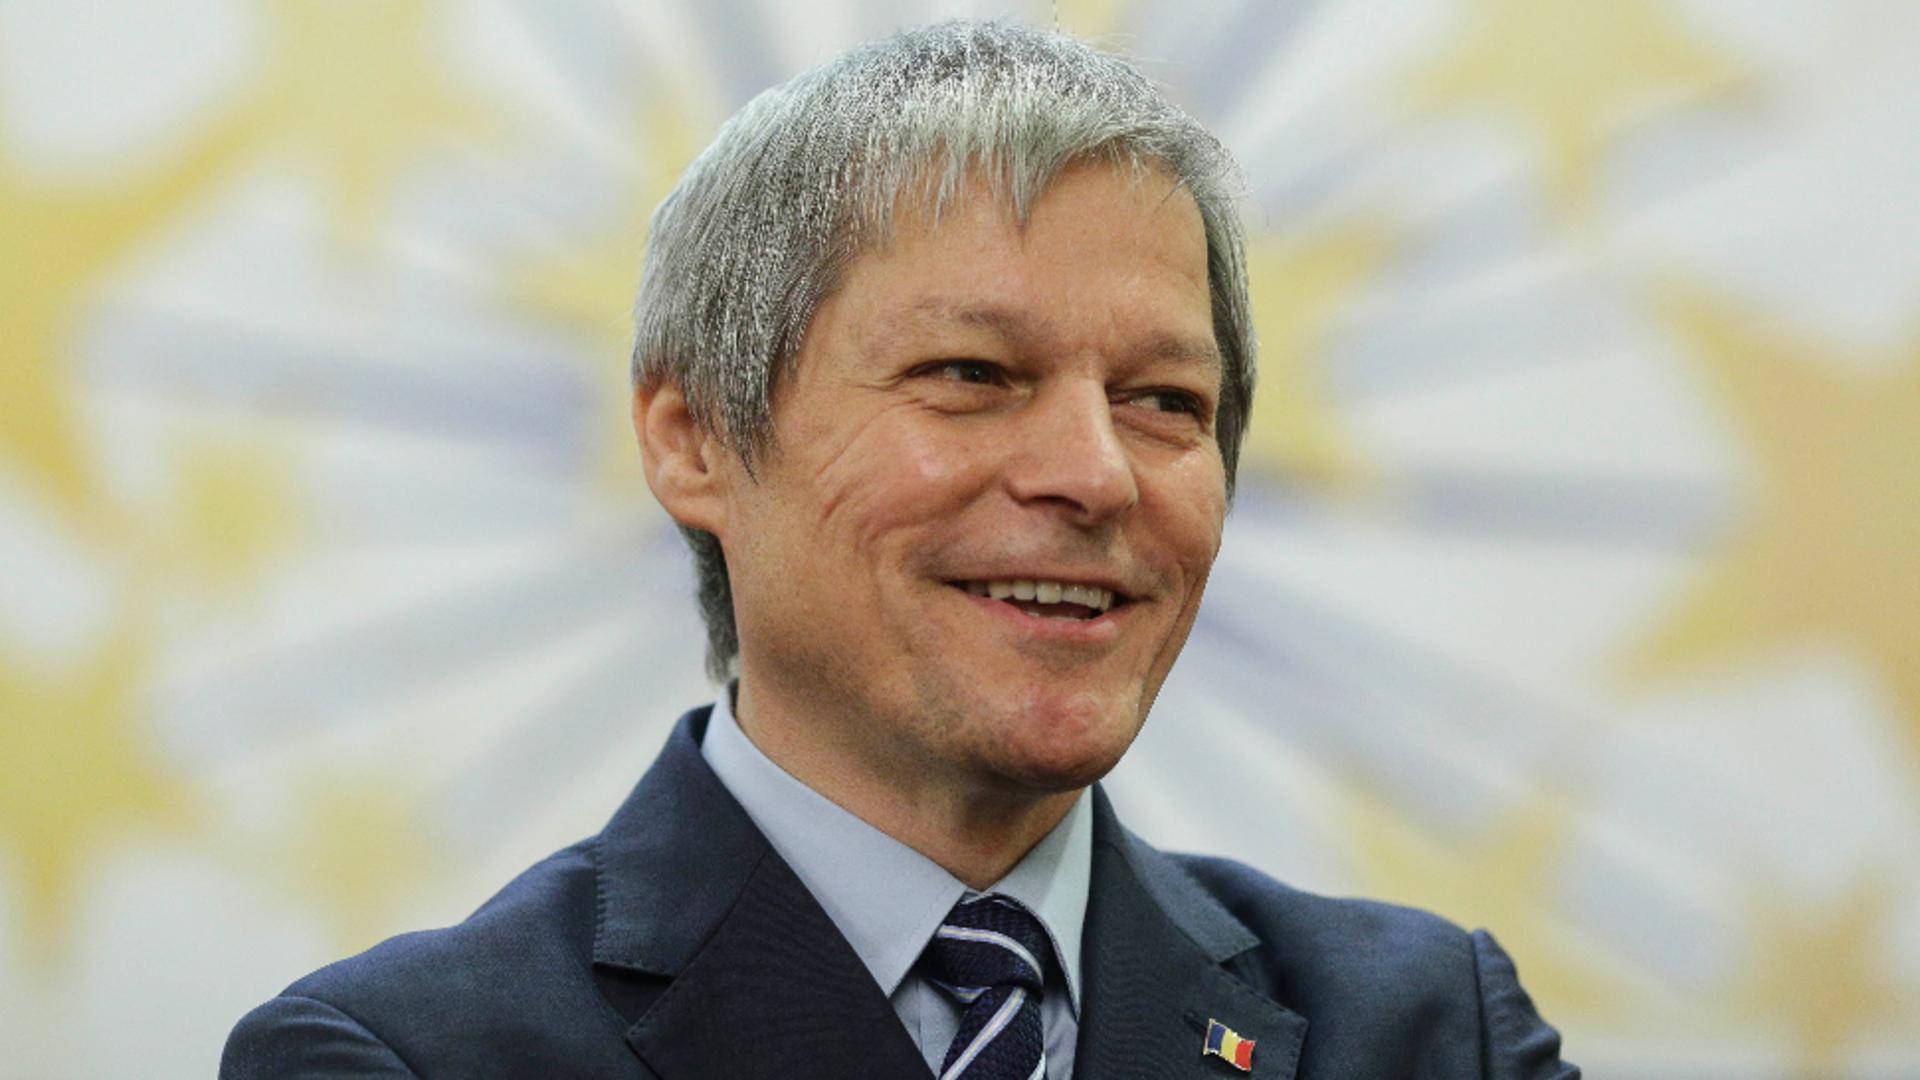 Dacian Cioloș îl atacă pe Florin Cîțu după demiterea lui Voiculescu Foto:InquamPhotos/Octav Ganea